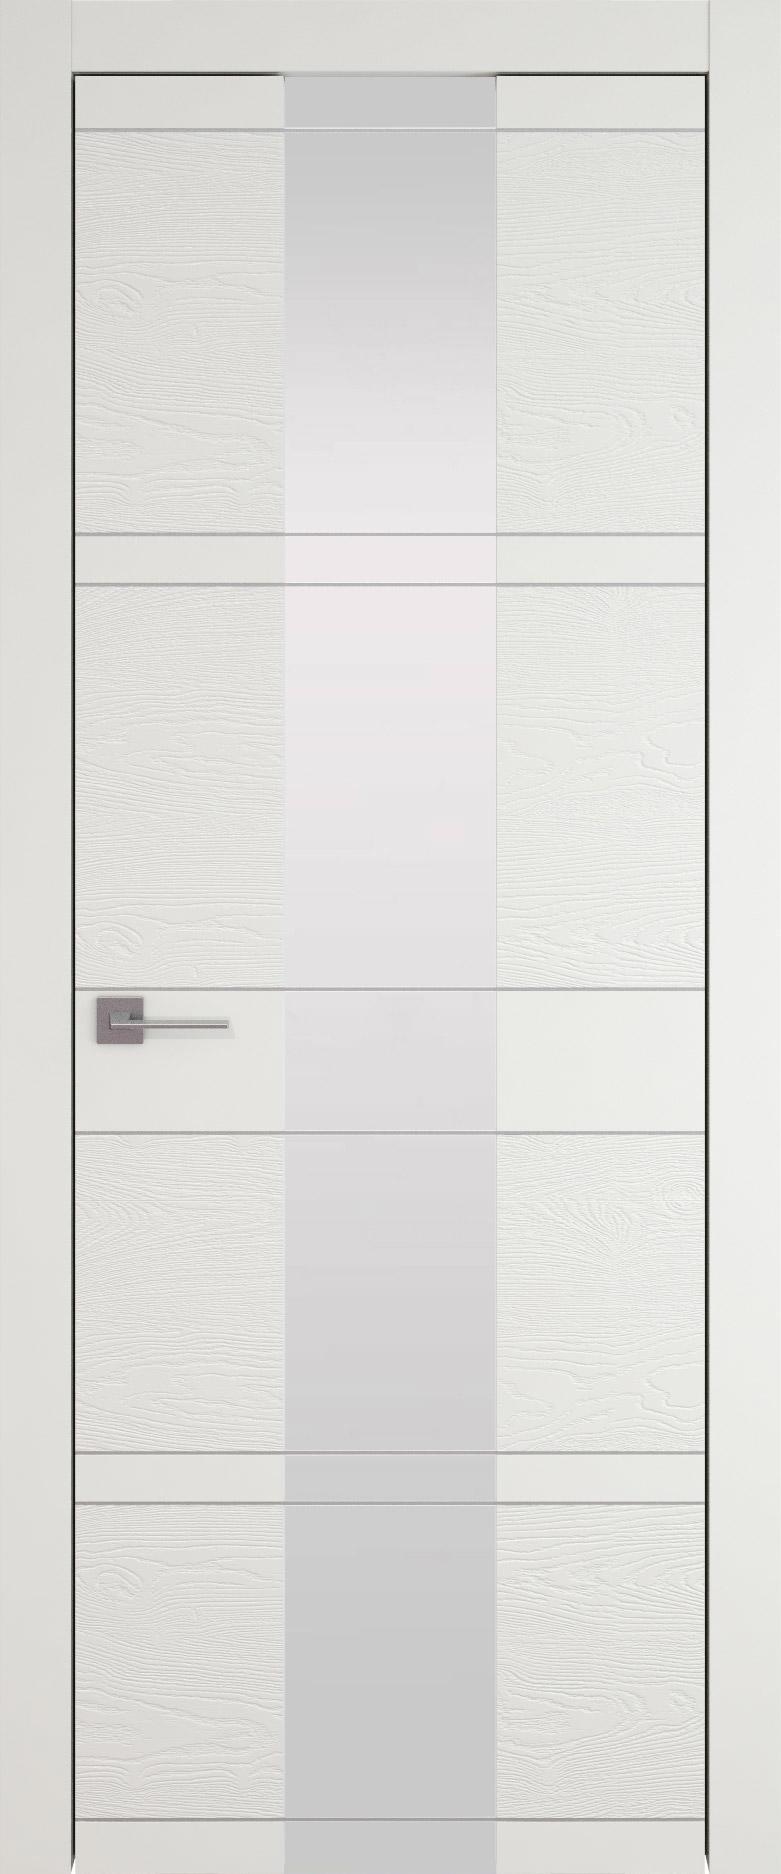 Tivoli Ж-2 цвет - Бежевая эмаль-эмаль по шпону (RAL 9010) Со стеклом (ДО)